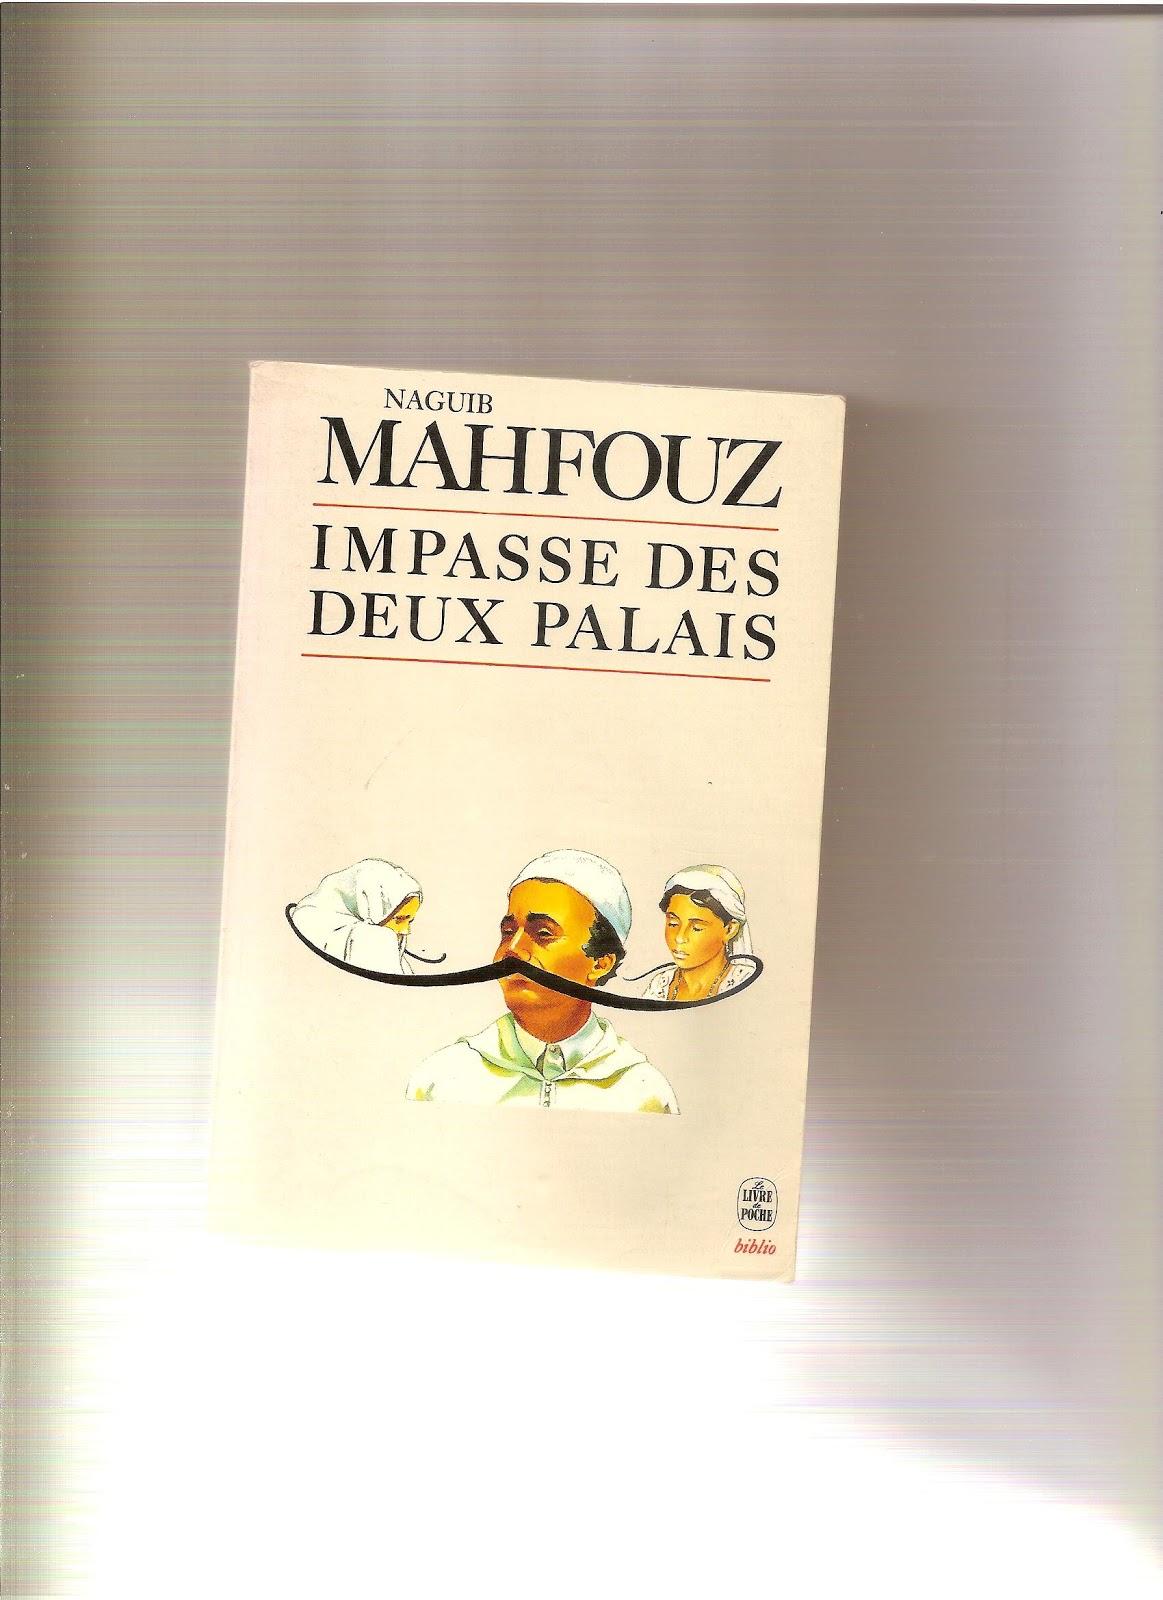 O falco de jade o cairo novo de naguib mahfouz pensando j no a trilogia do cairo palace walk 1956 desire palace 1957 sugar street 1957 fandeluxe Gallery